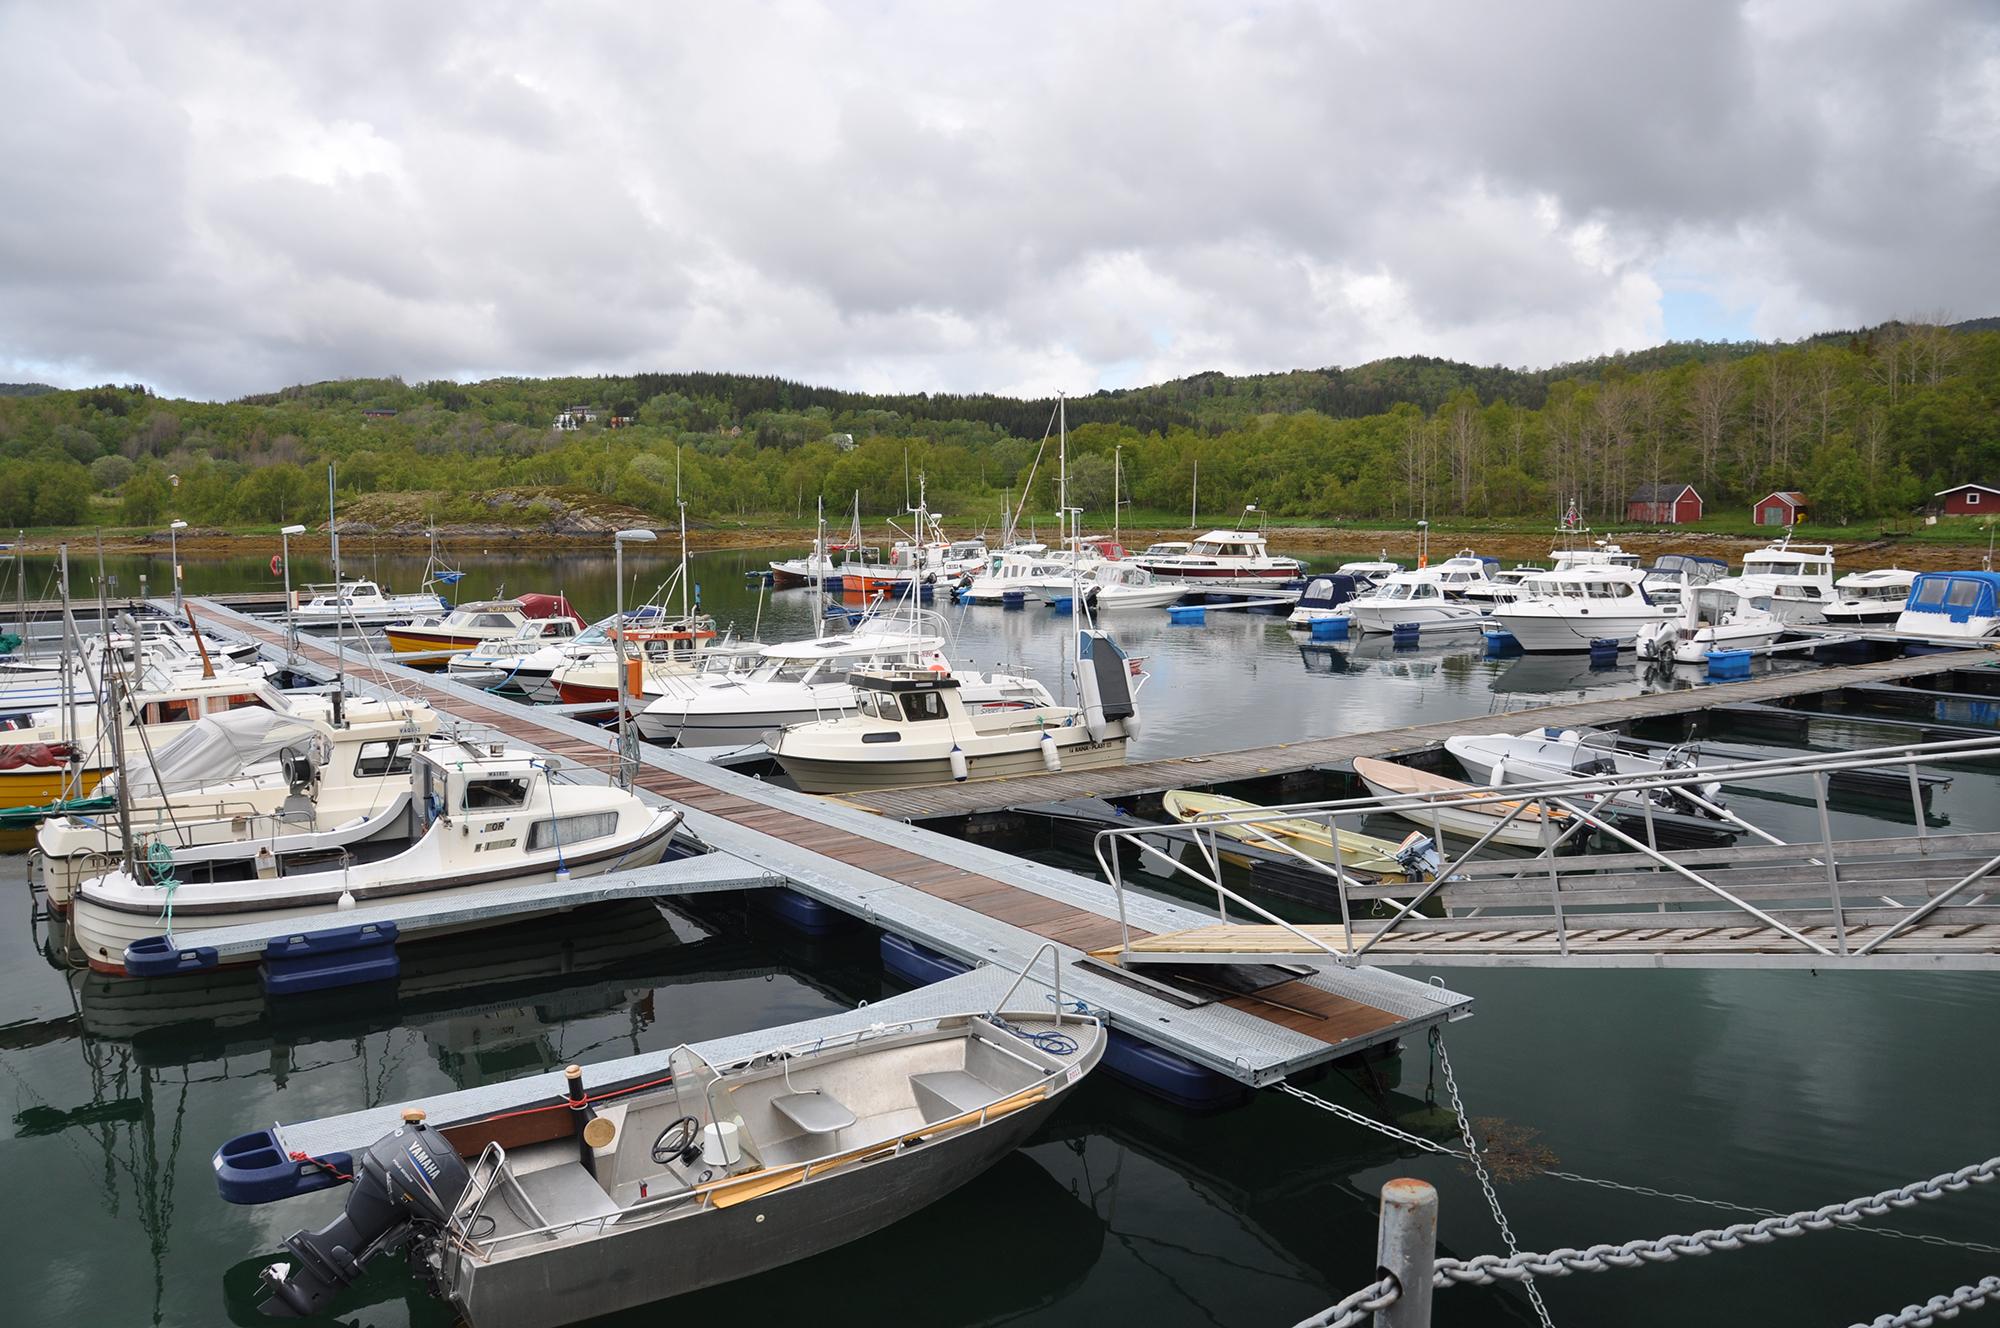 https://marinasolutions.no/uploads/Tjongsfjord002.jpg